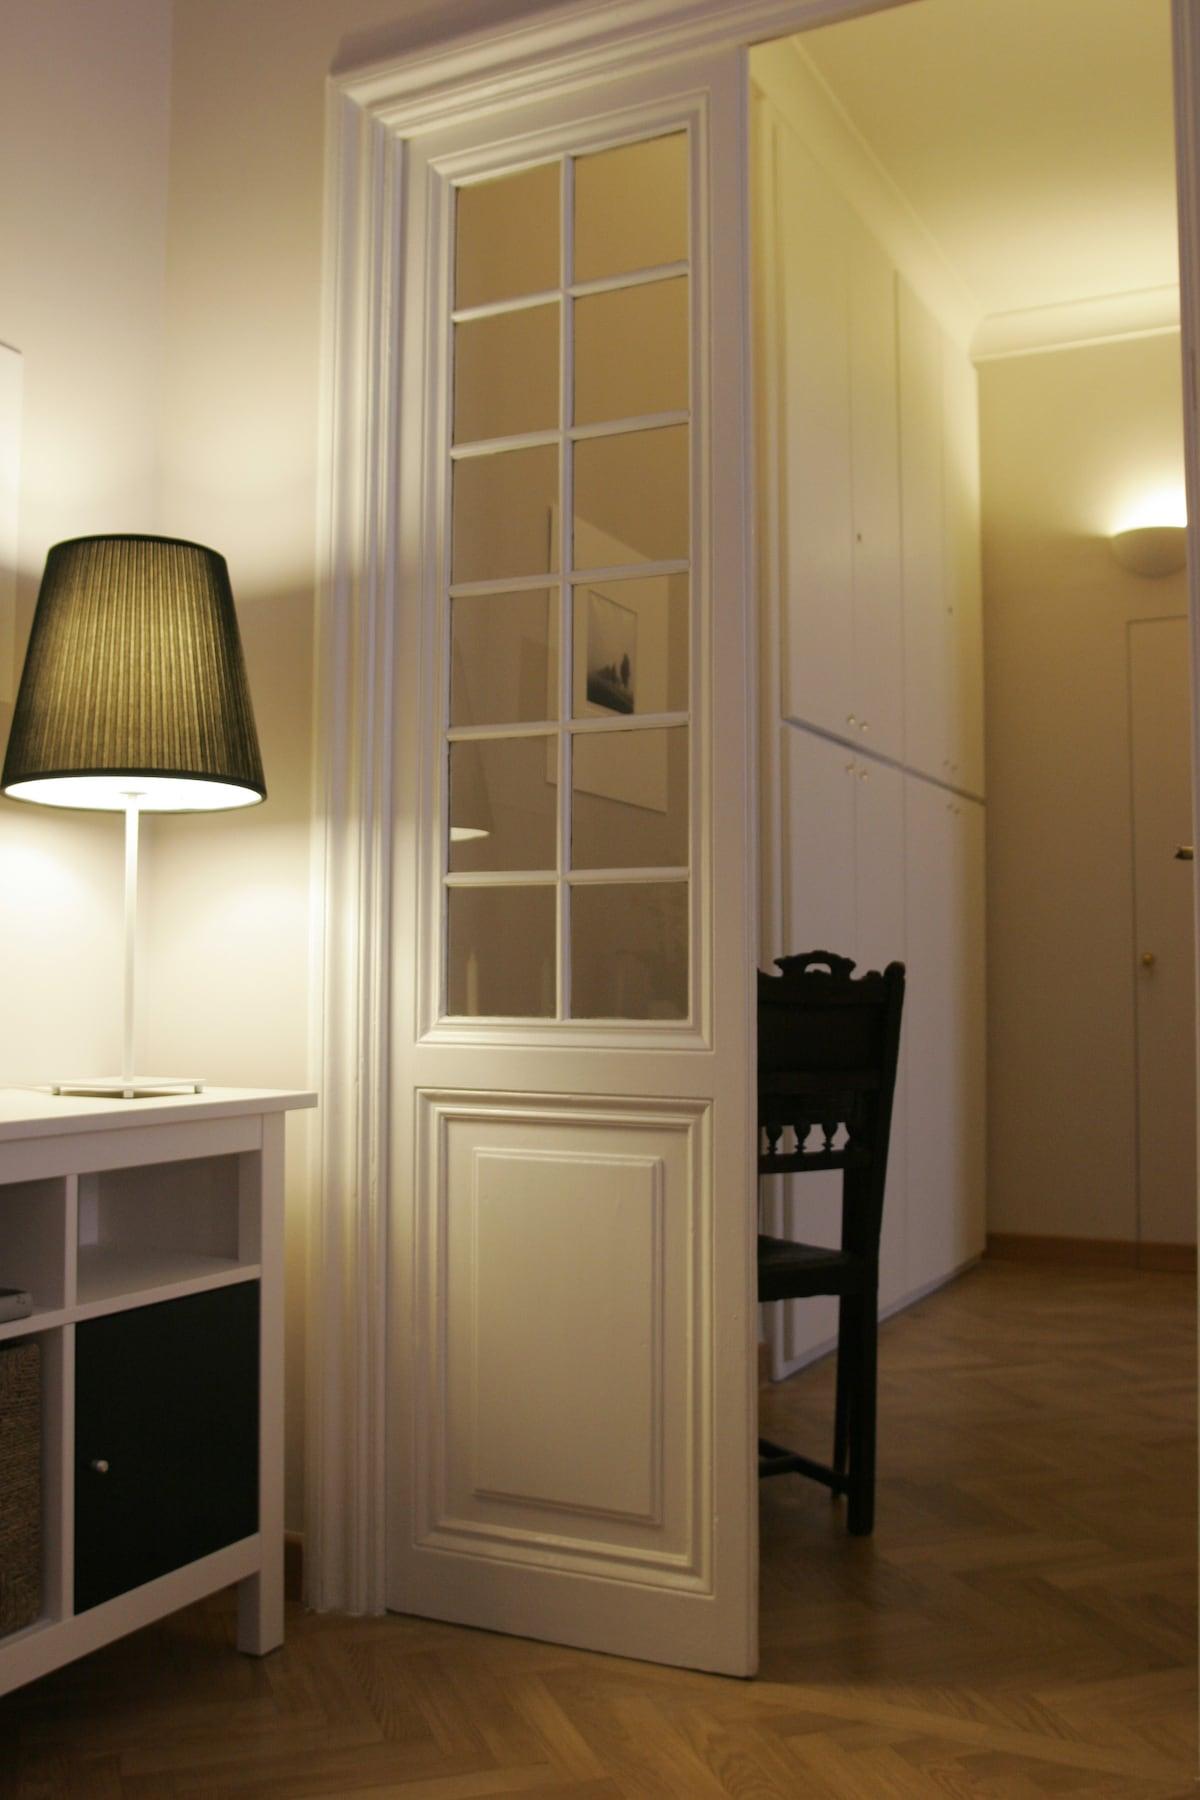 ambiente colazione-angolo cottura-tv flat-corridoio